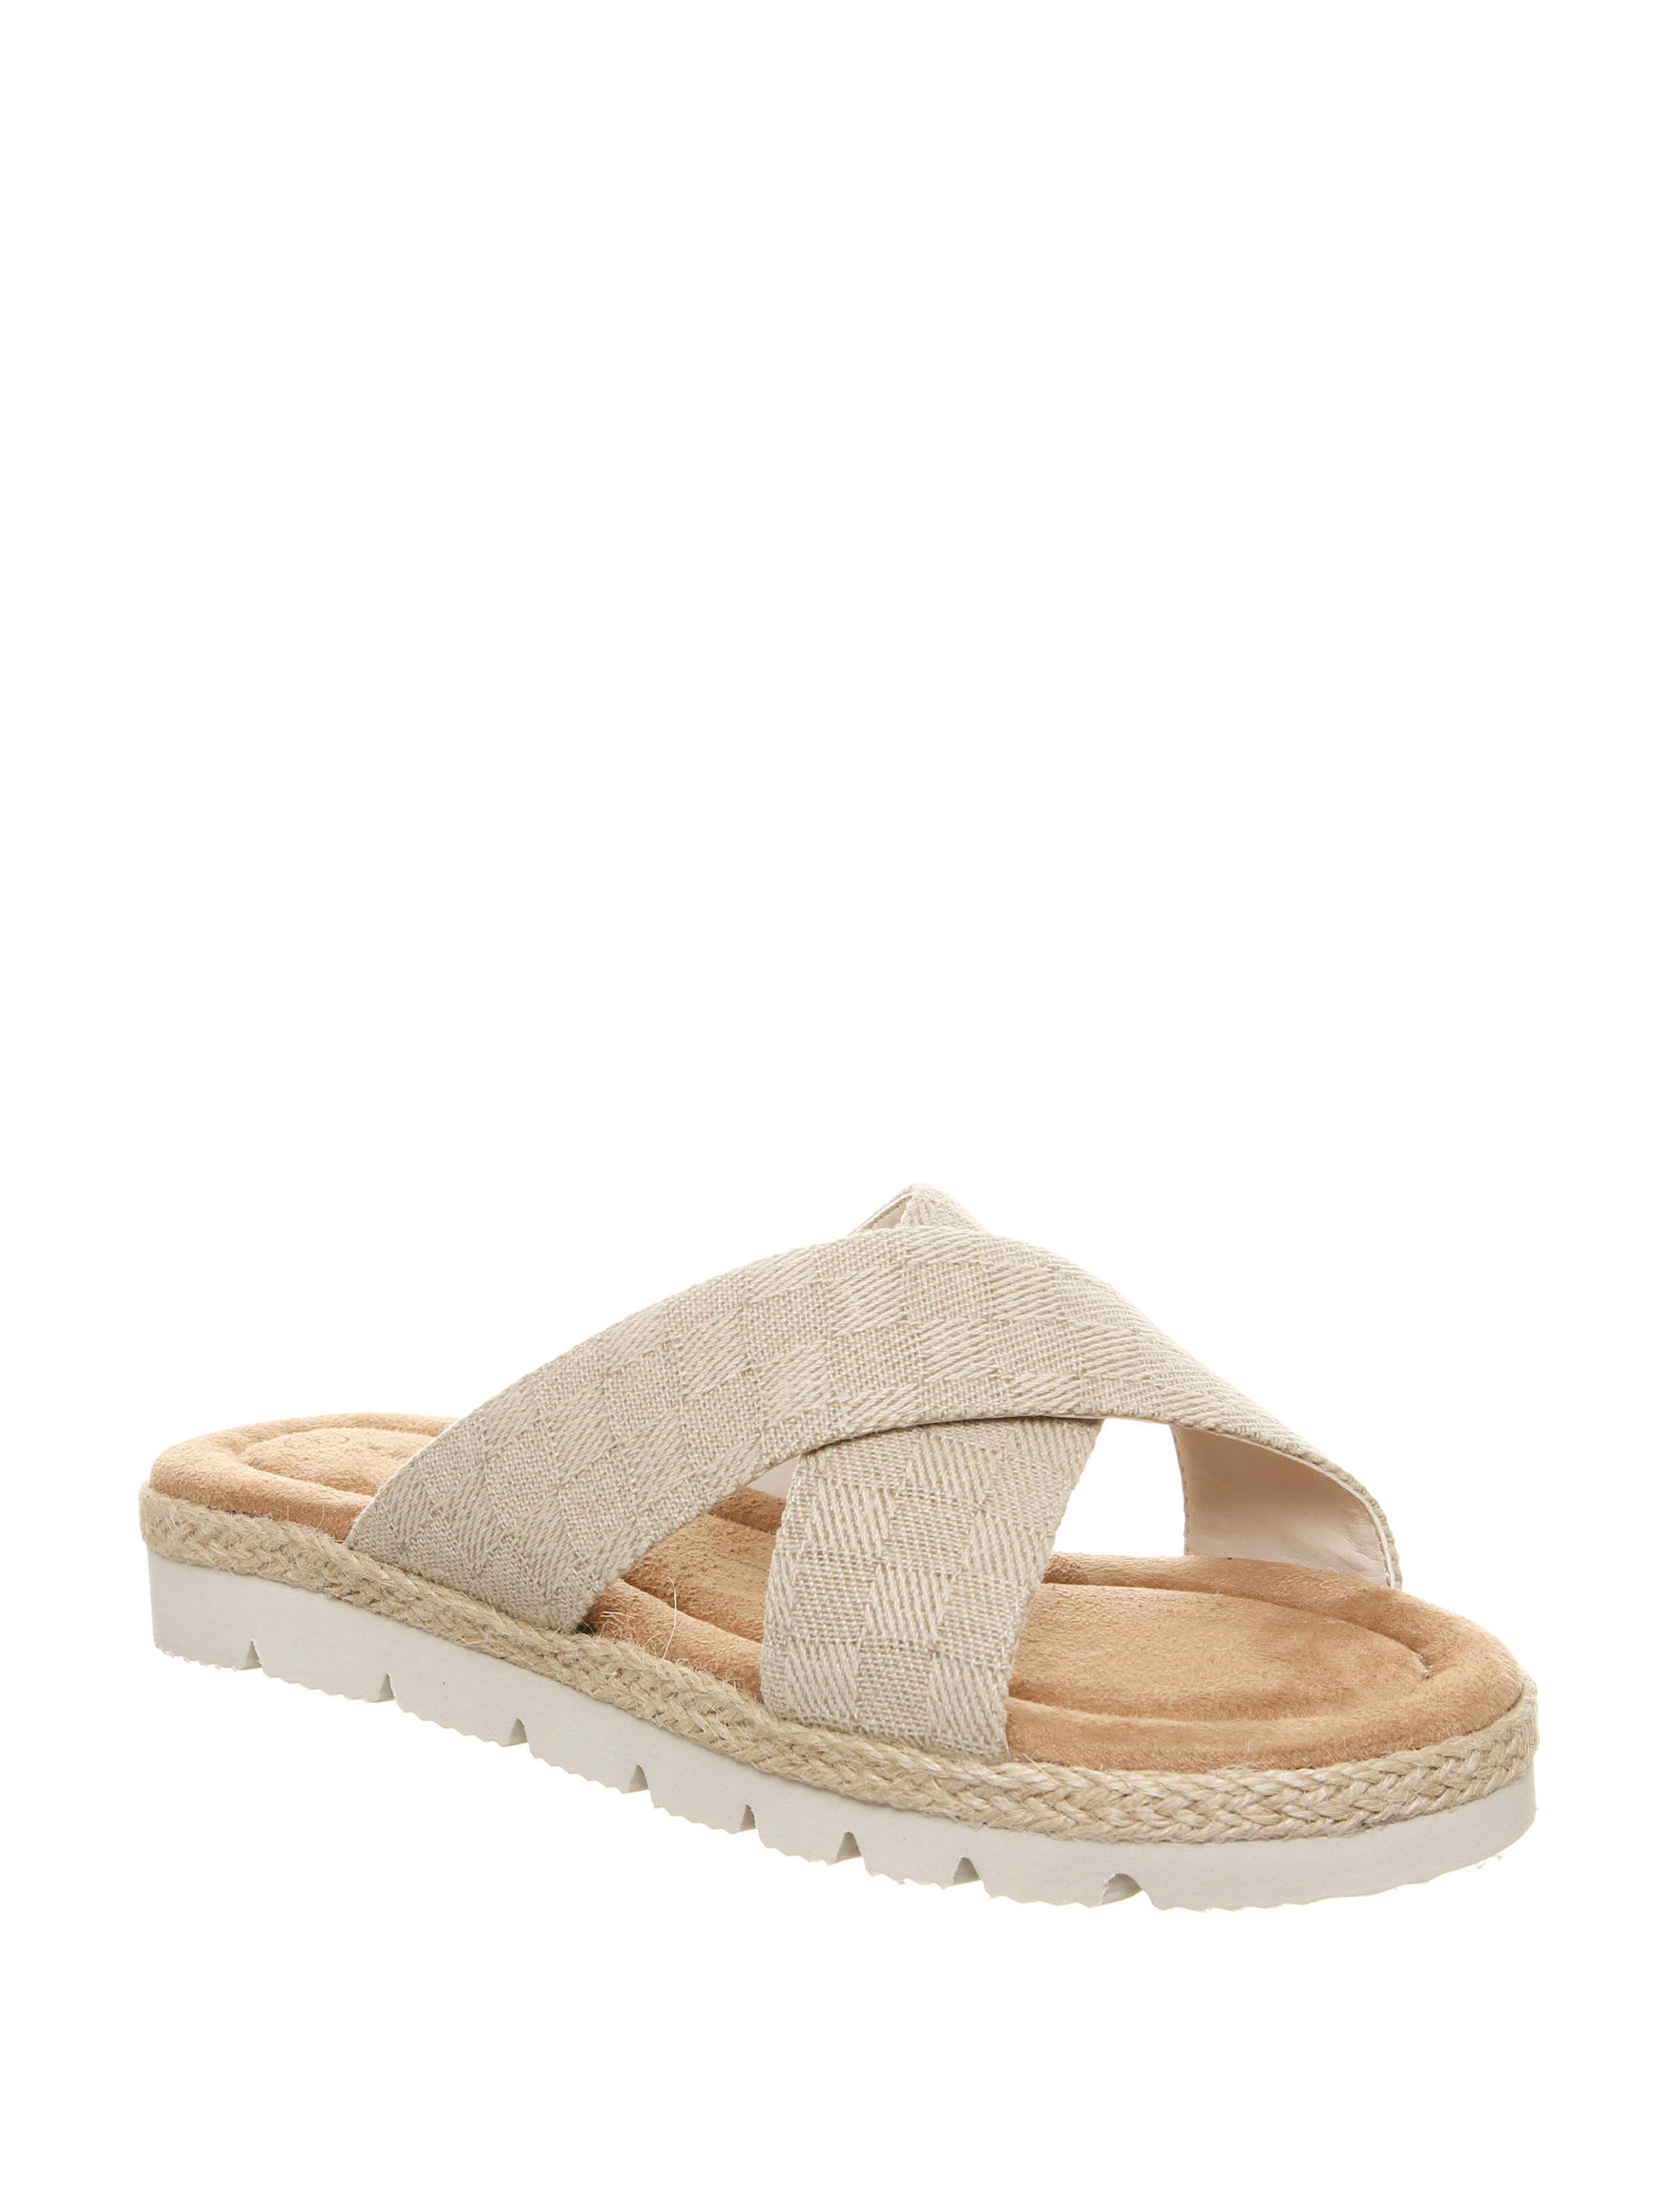 Bearpaw Natural Flat Sandals Slide Sandals